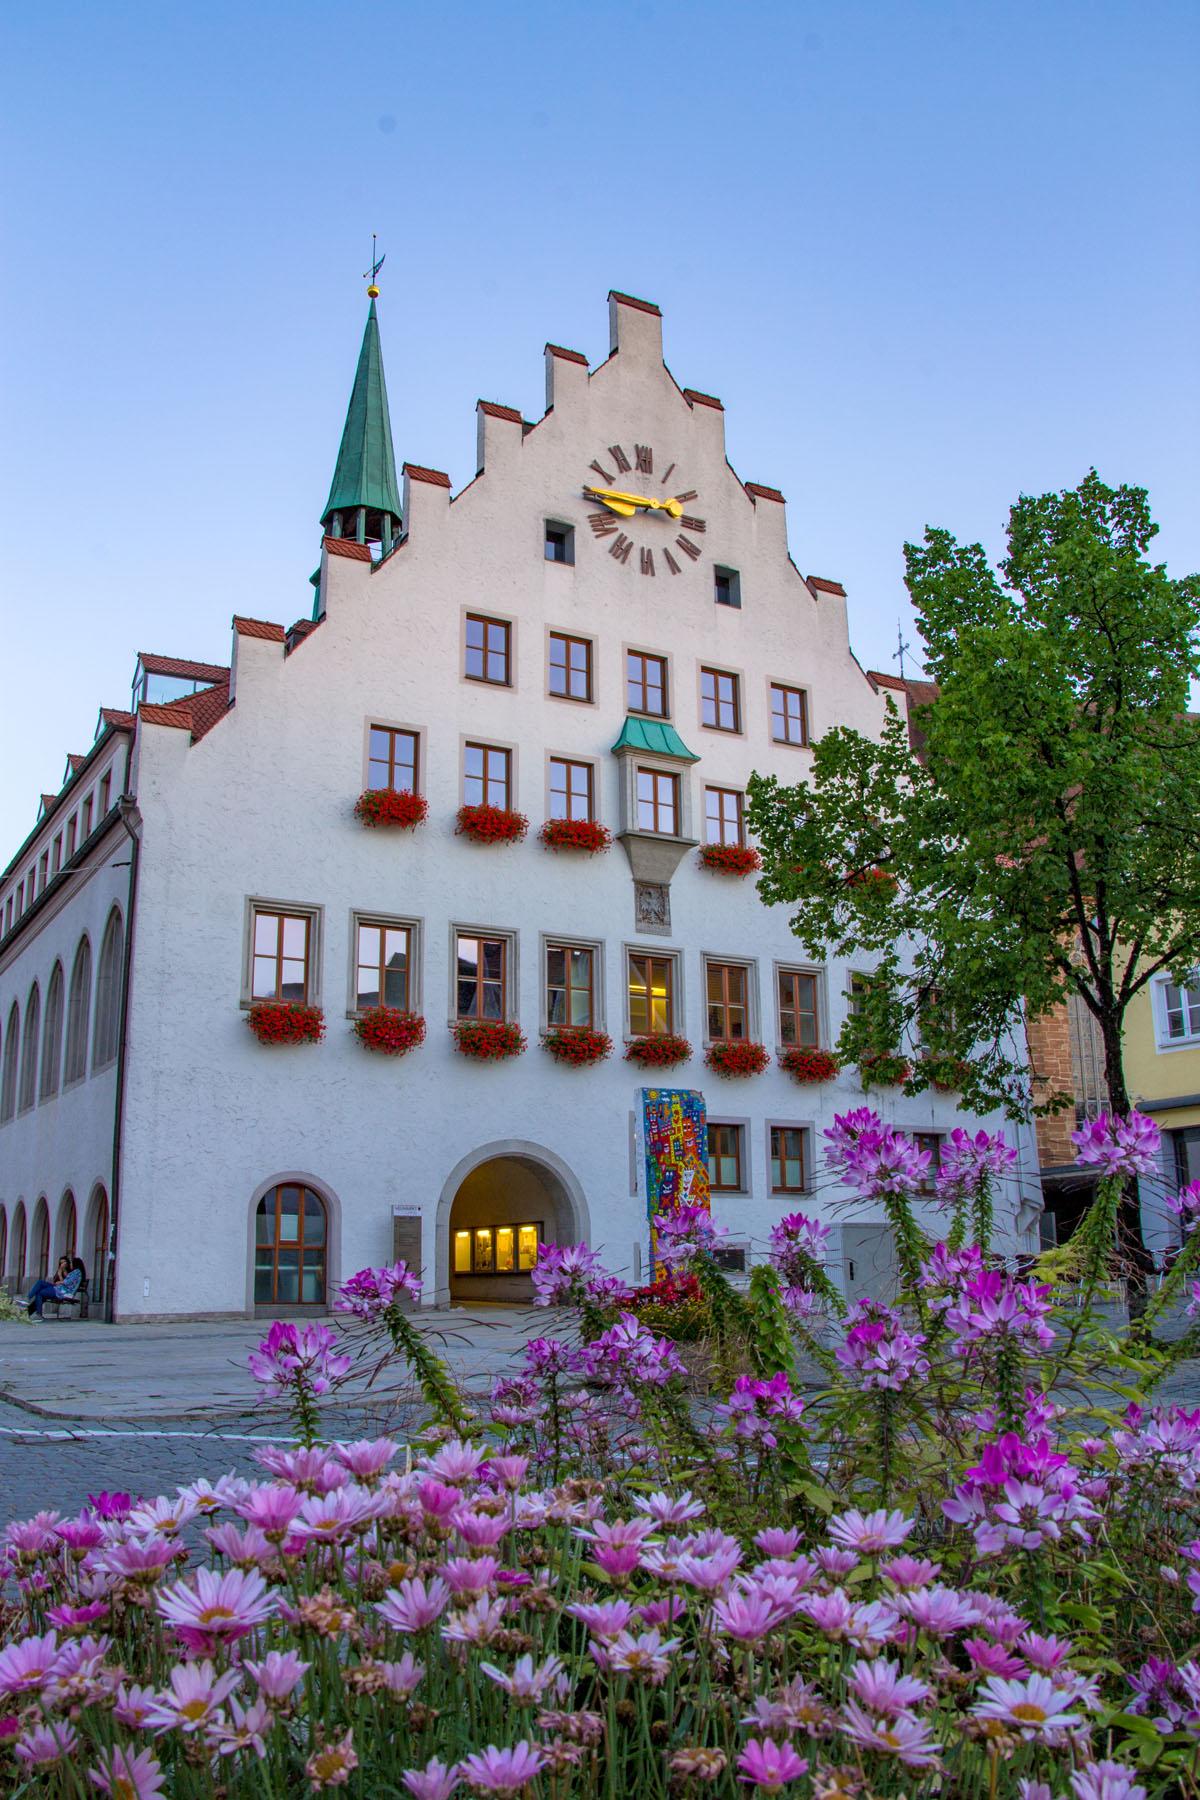 Das Historische Rathaus in Neumarkt